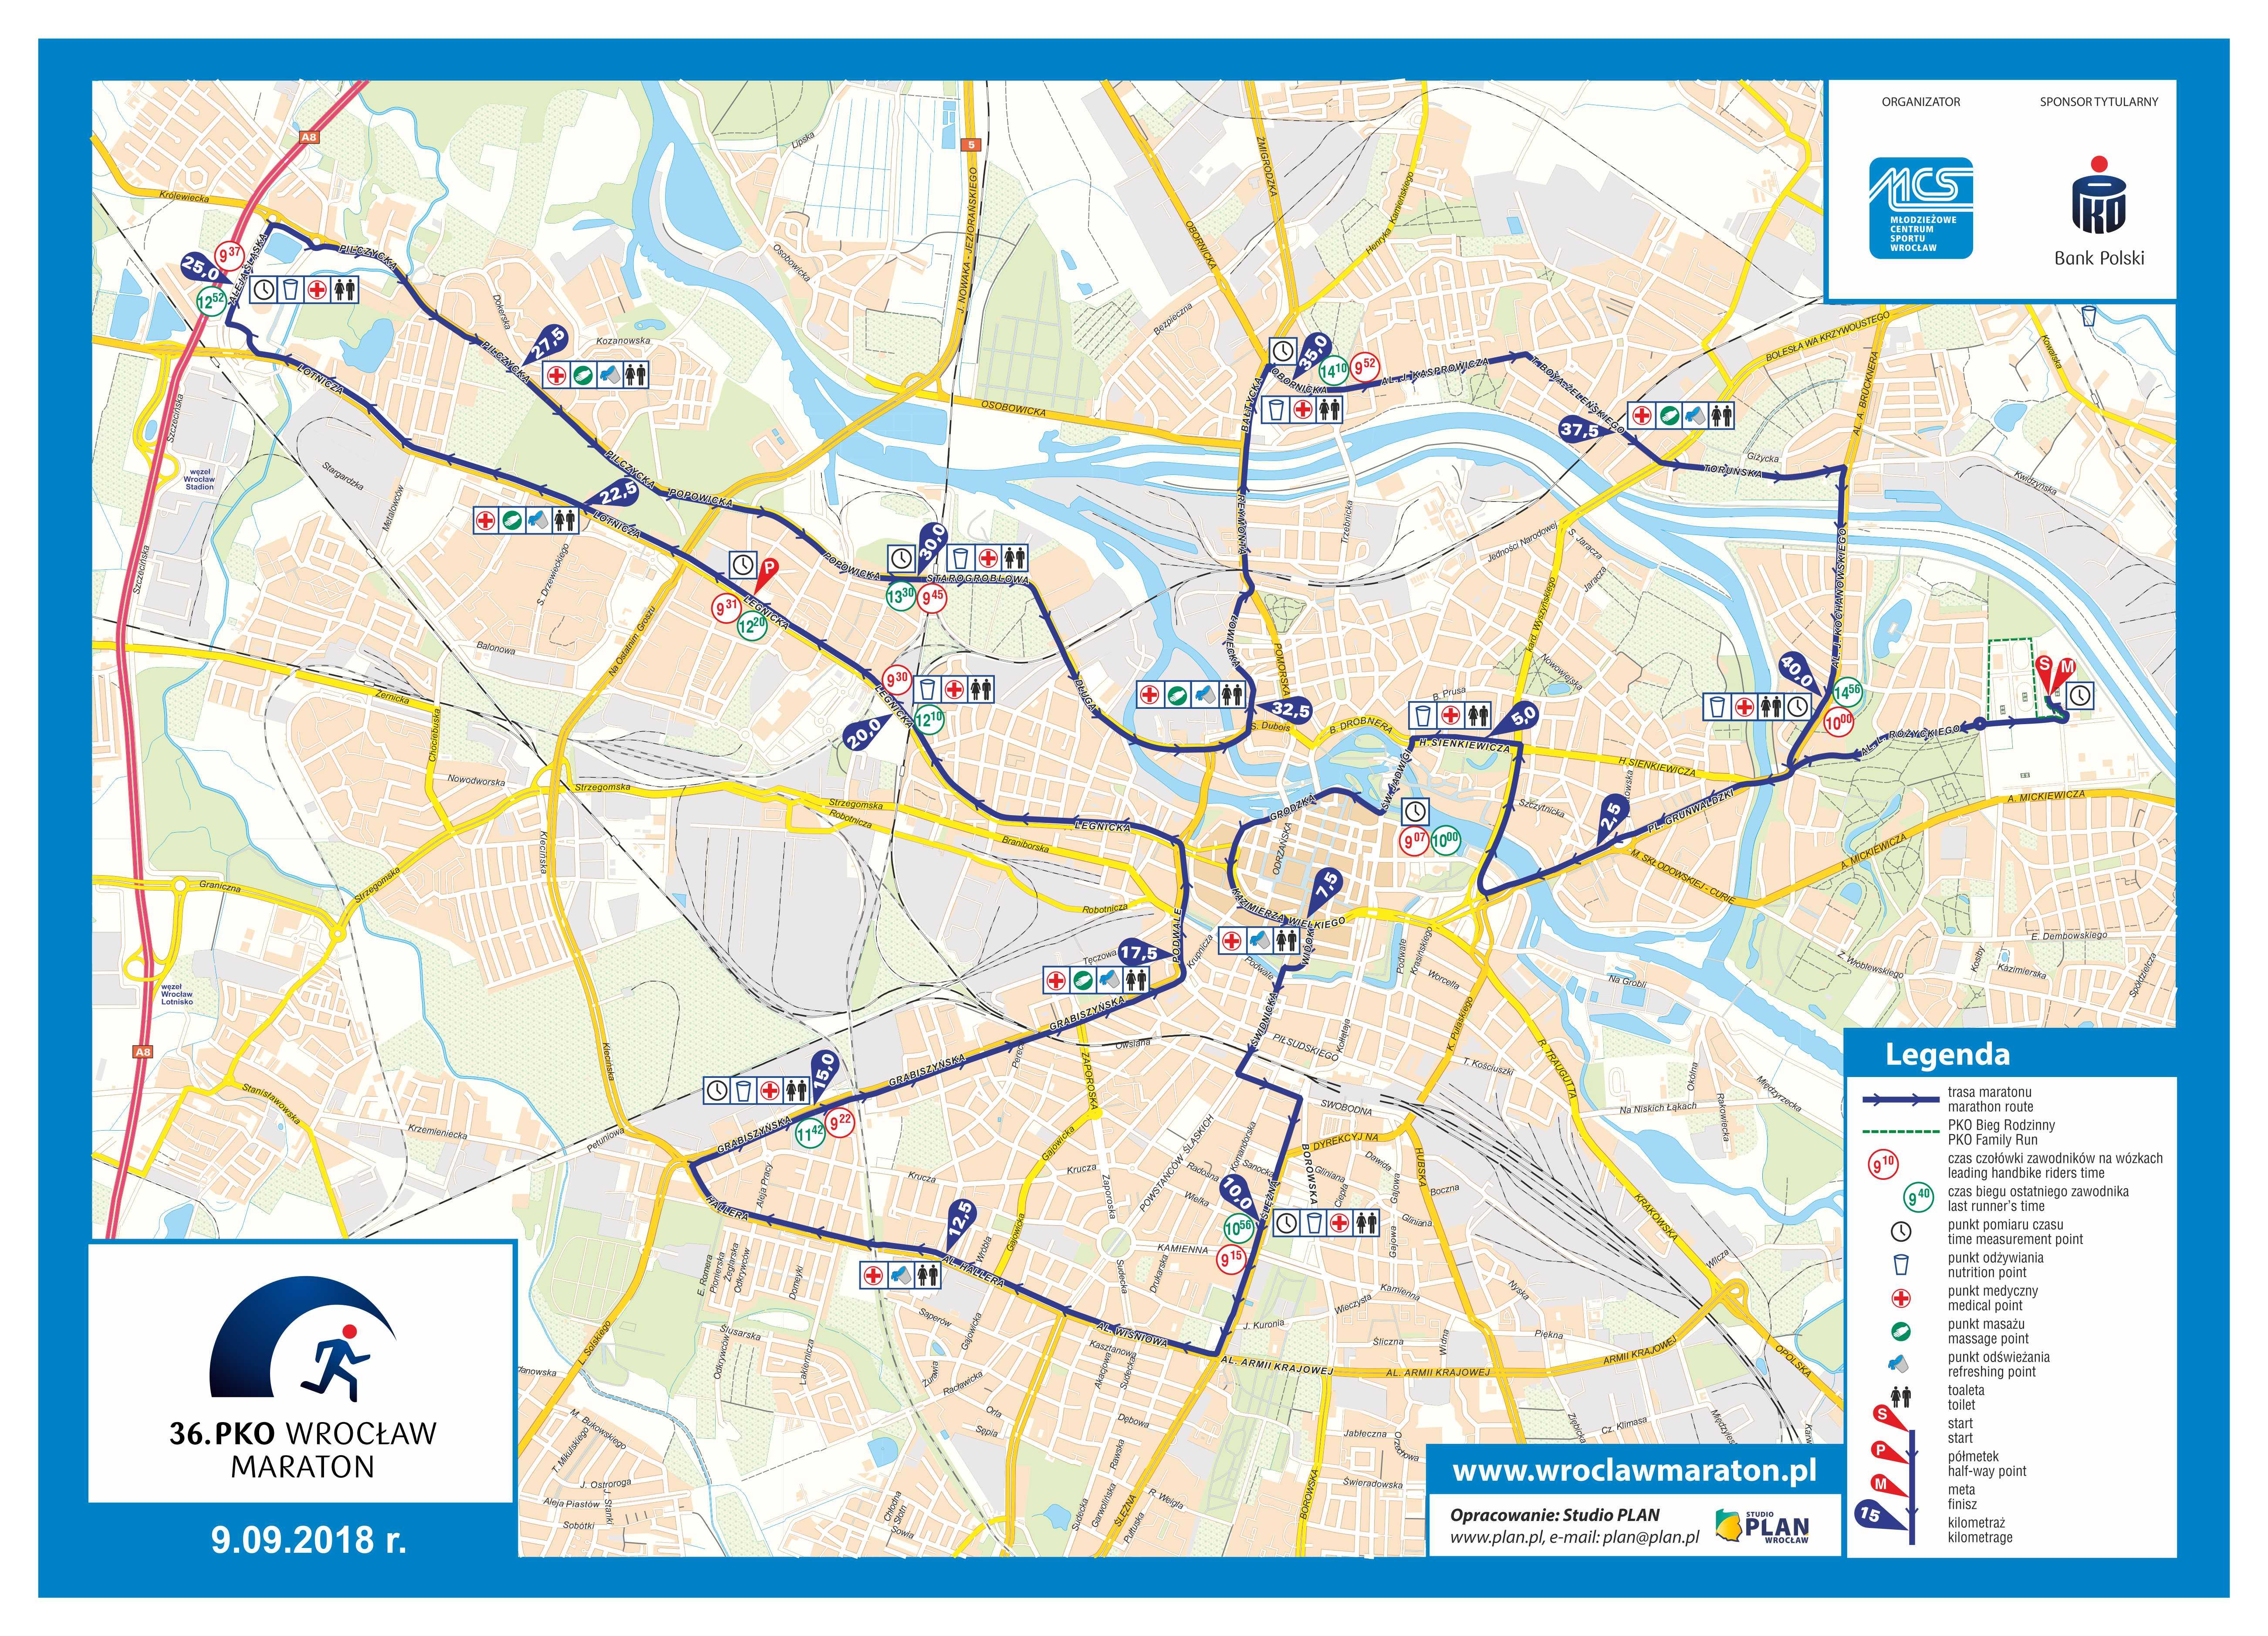 36 Pko Wroclaw Maraton Uwaga Na Utrudnienia Zamkniete Ulice